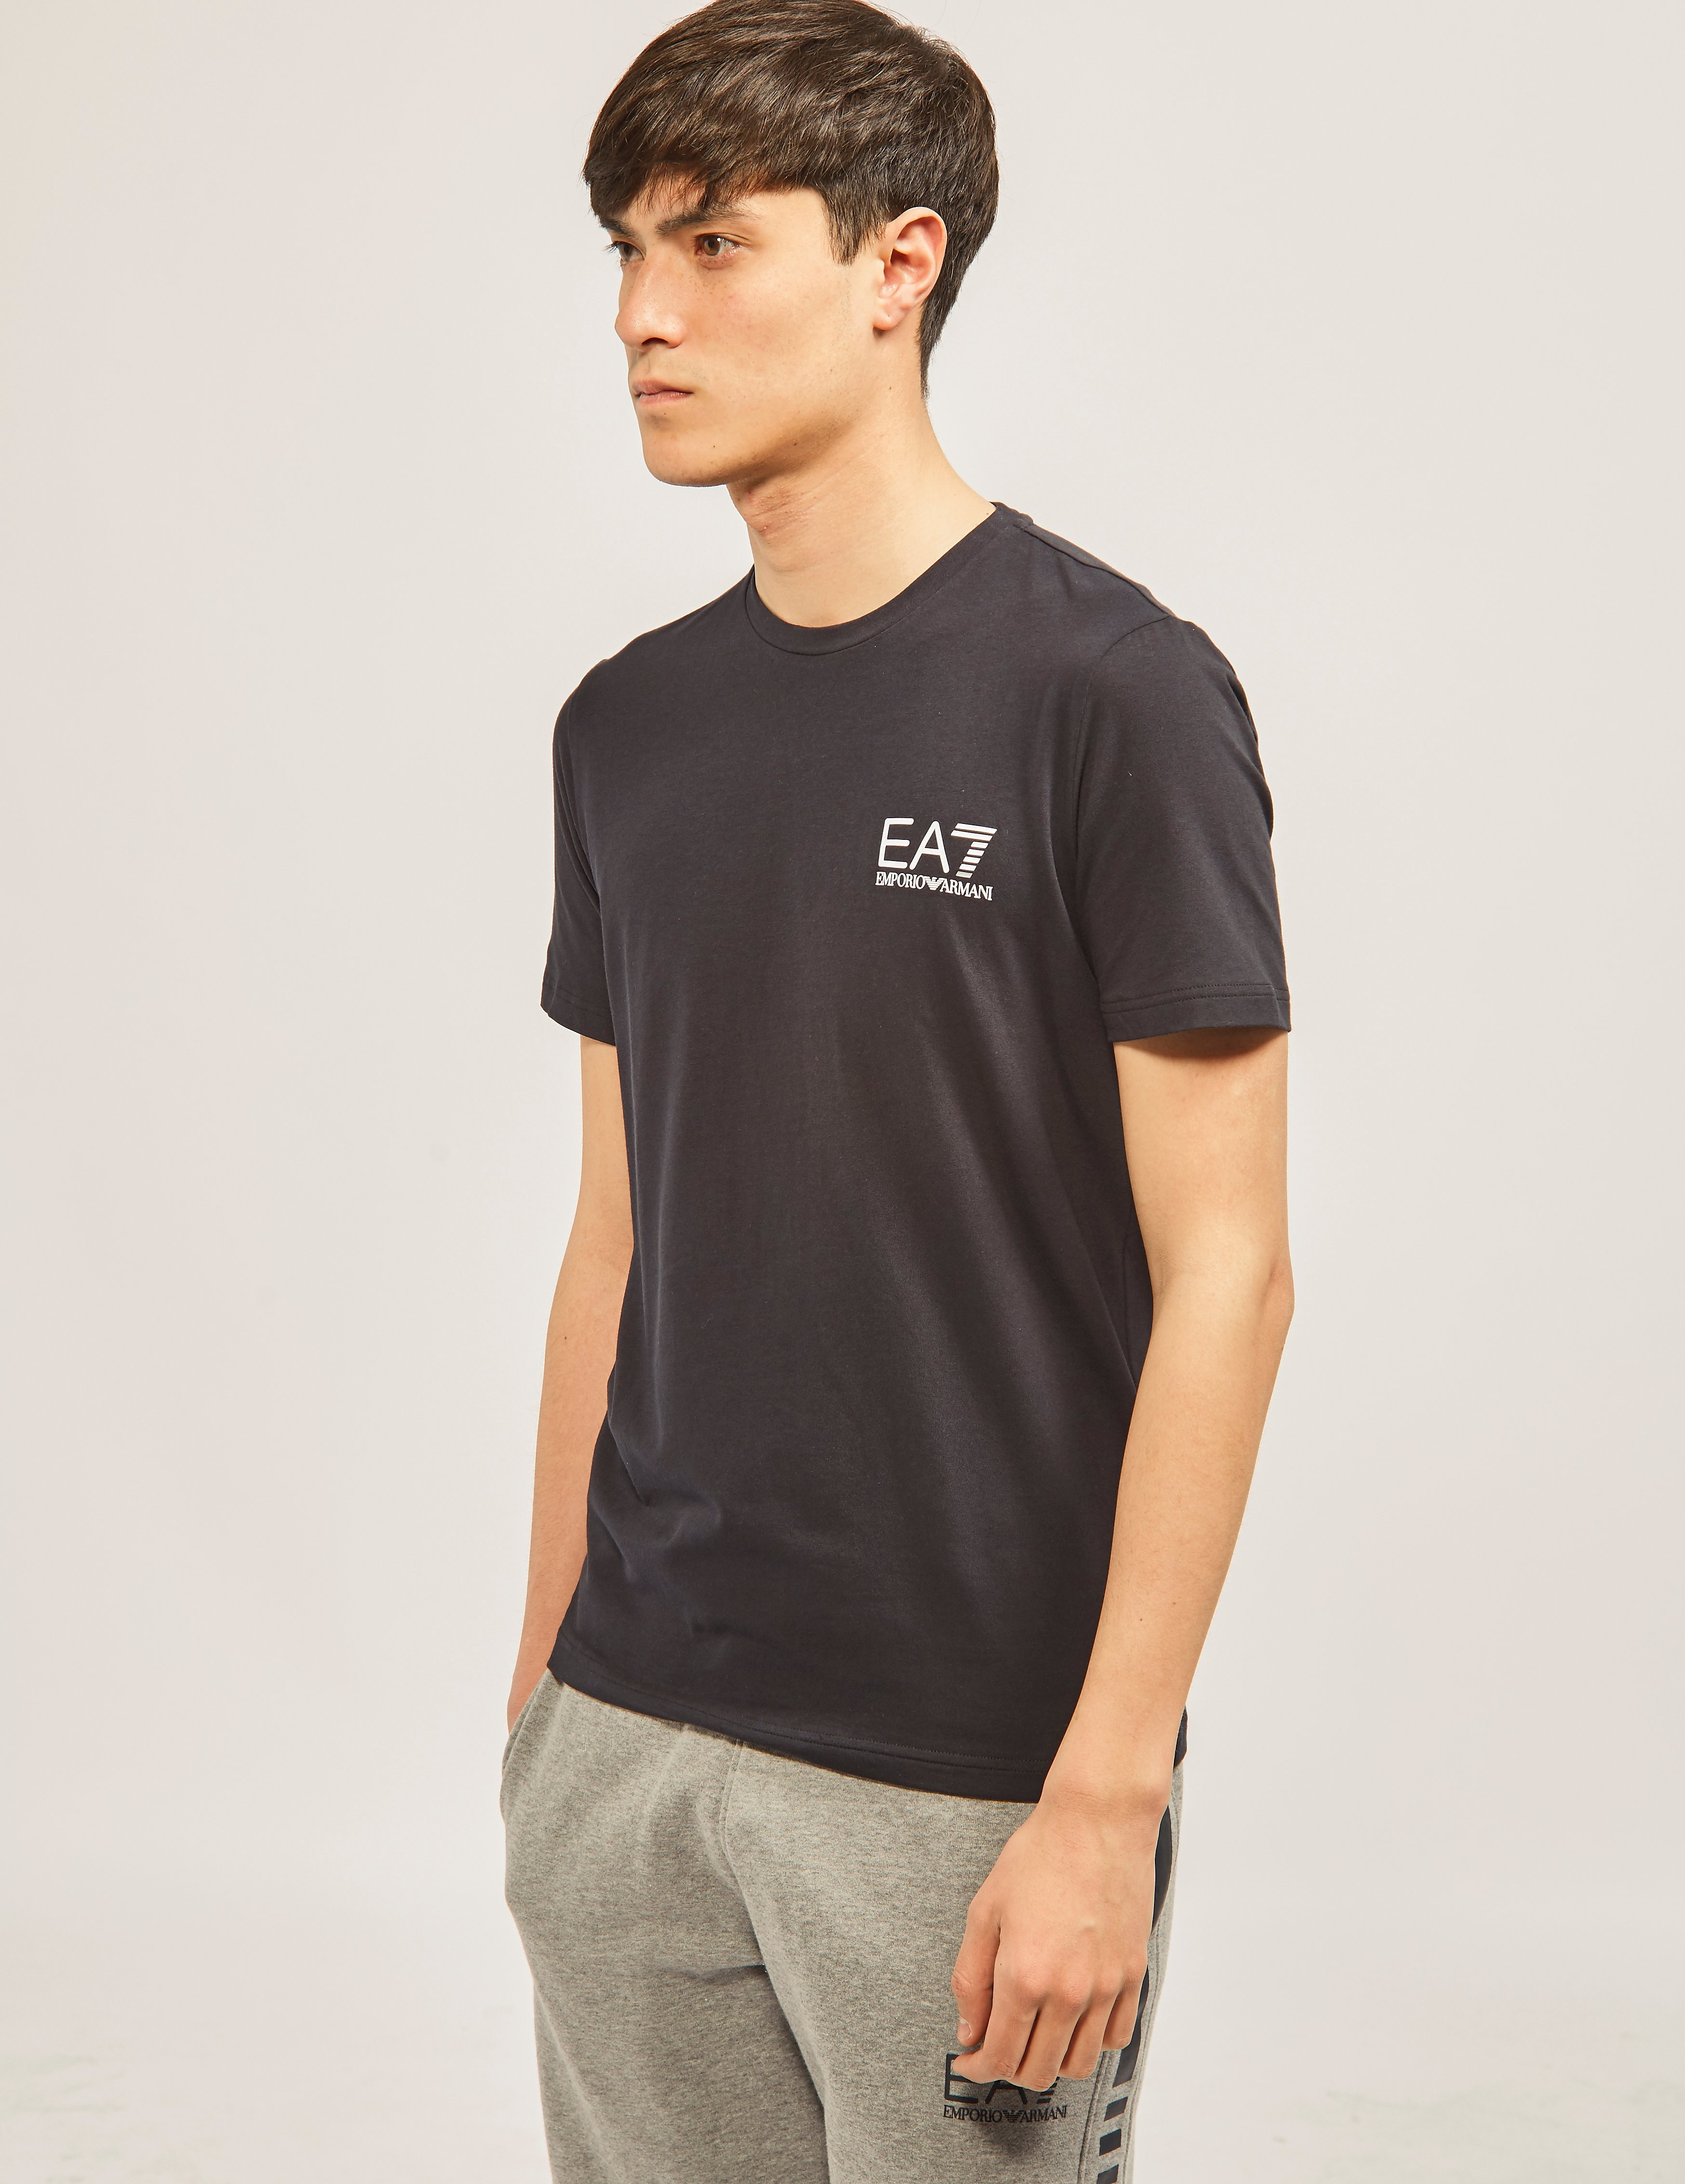 Emporio Armani EA7 Core ID T-Shirt